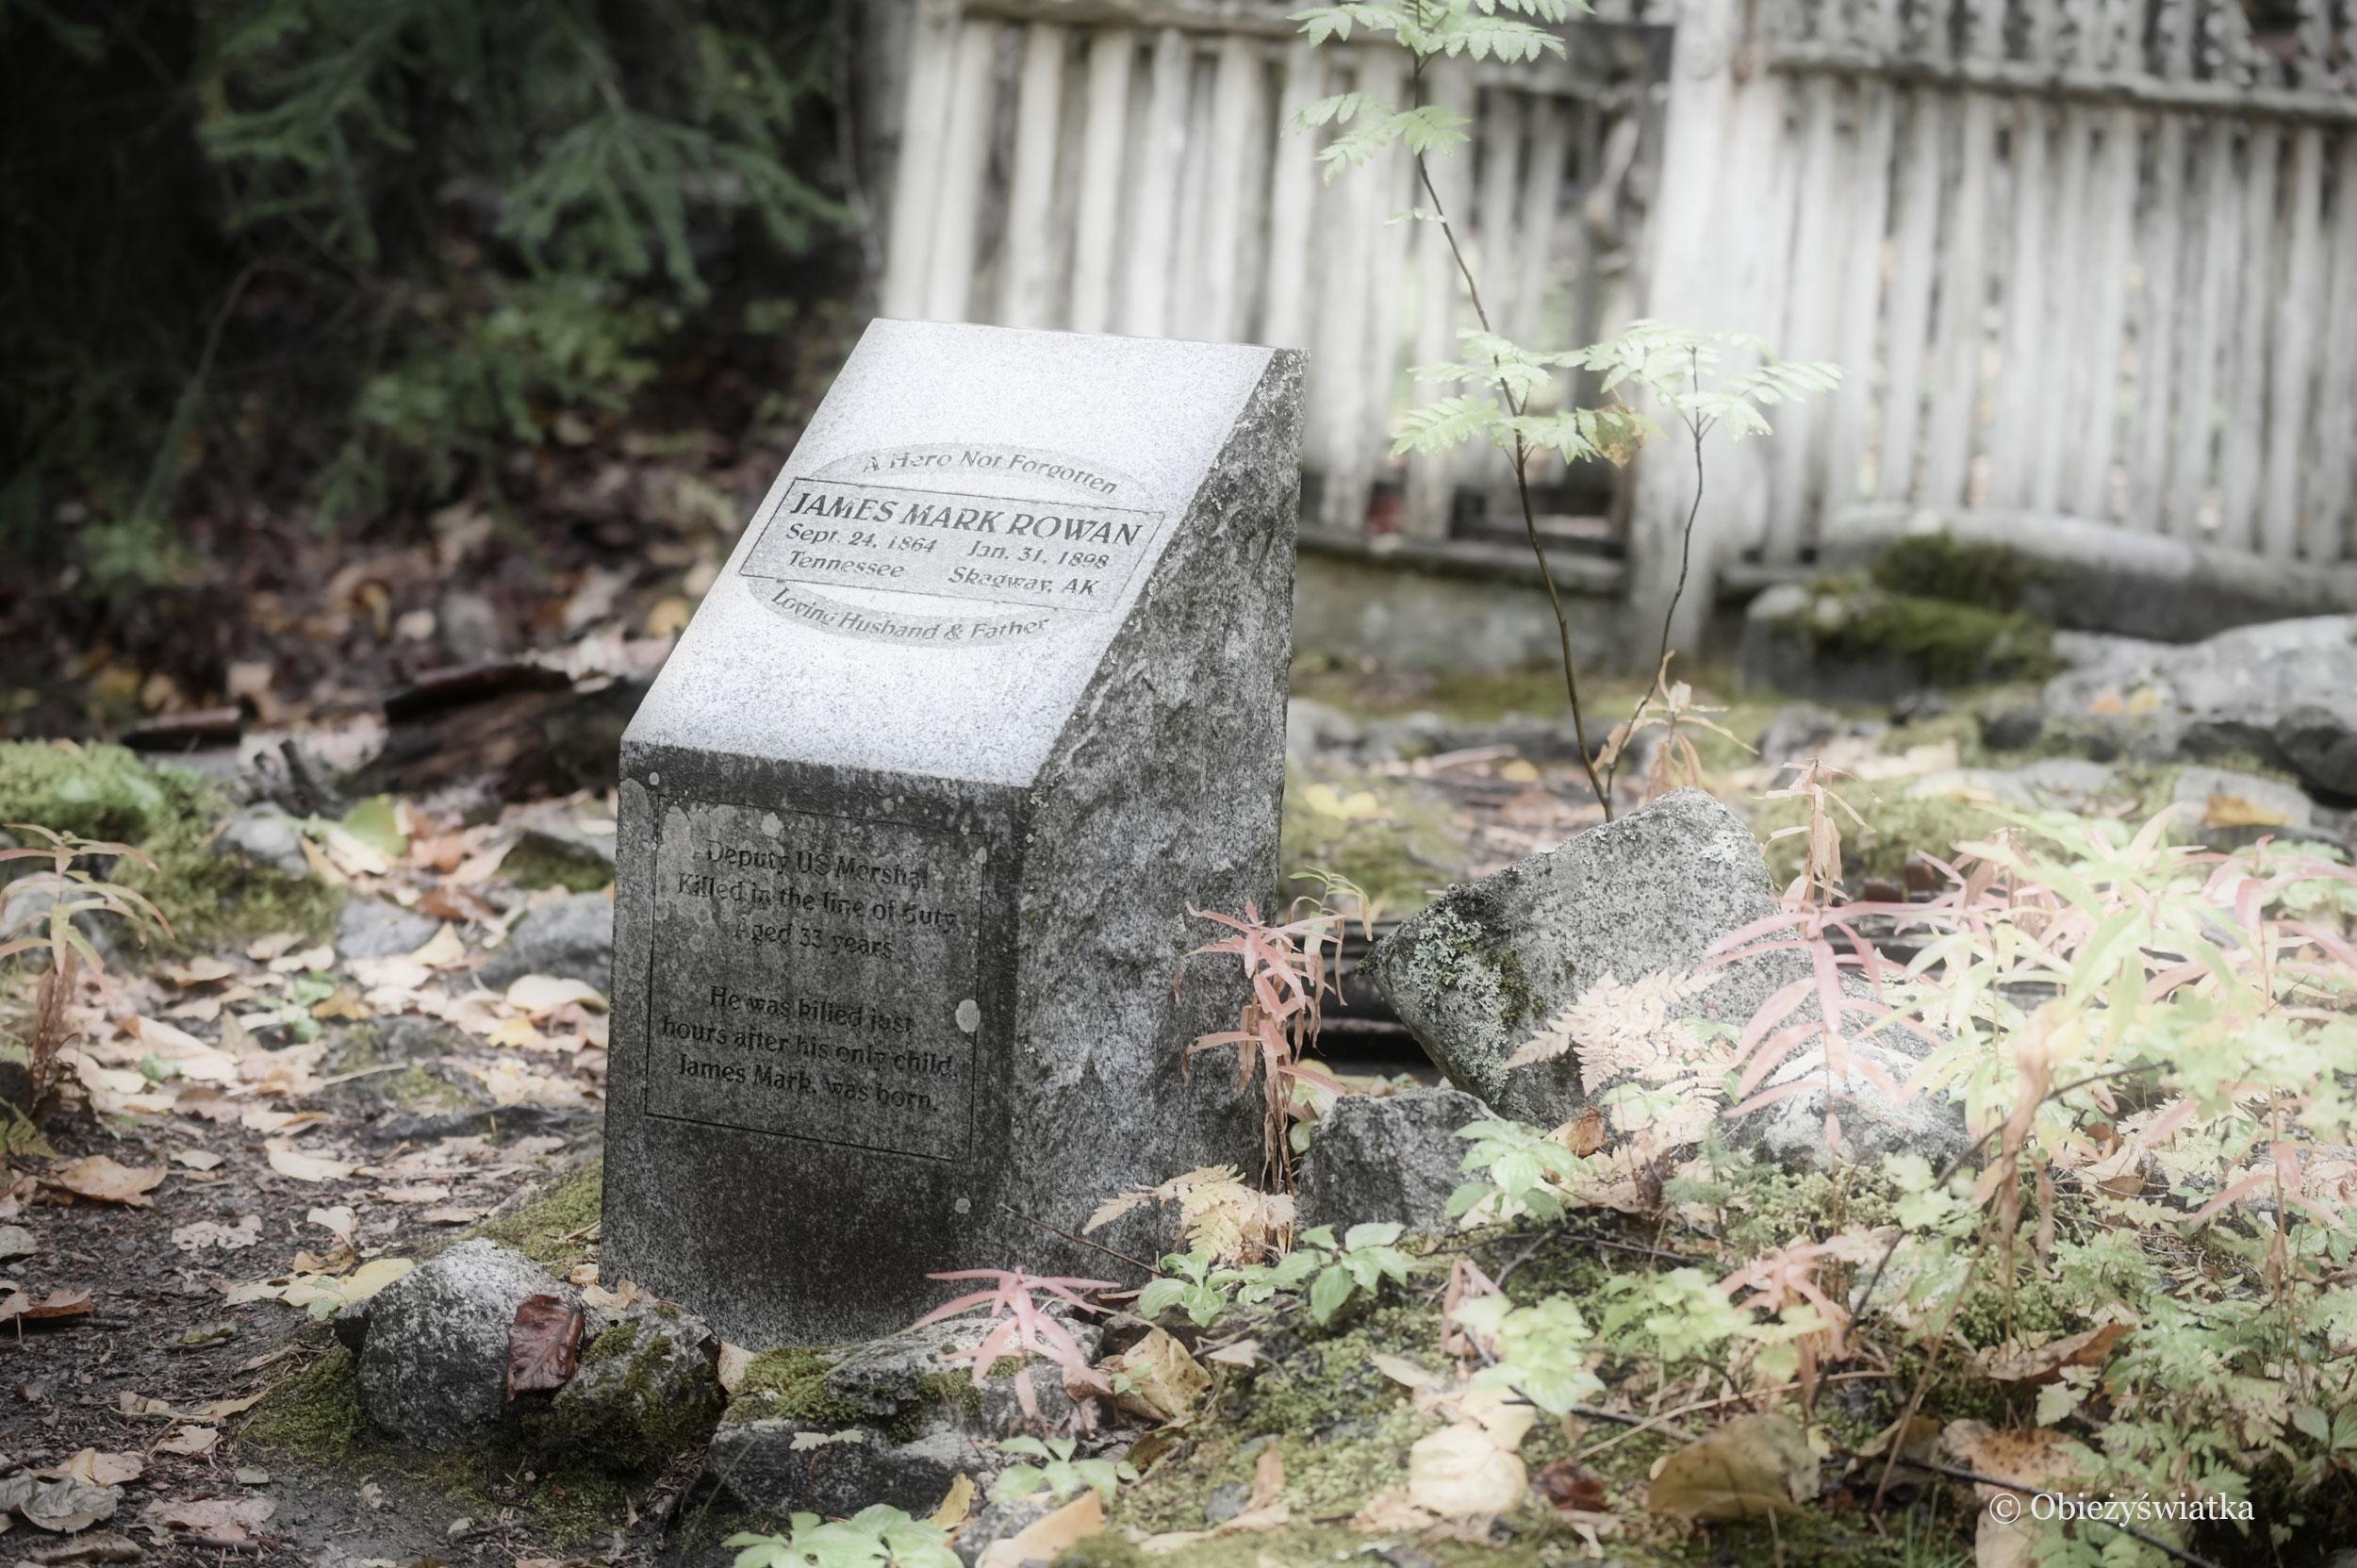 Niektóre z nagrobków są odnowione - Cmentarz Poszukiwaczy Złota w Skagway, Alaska